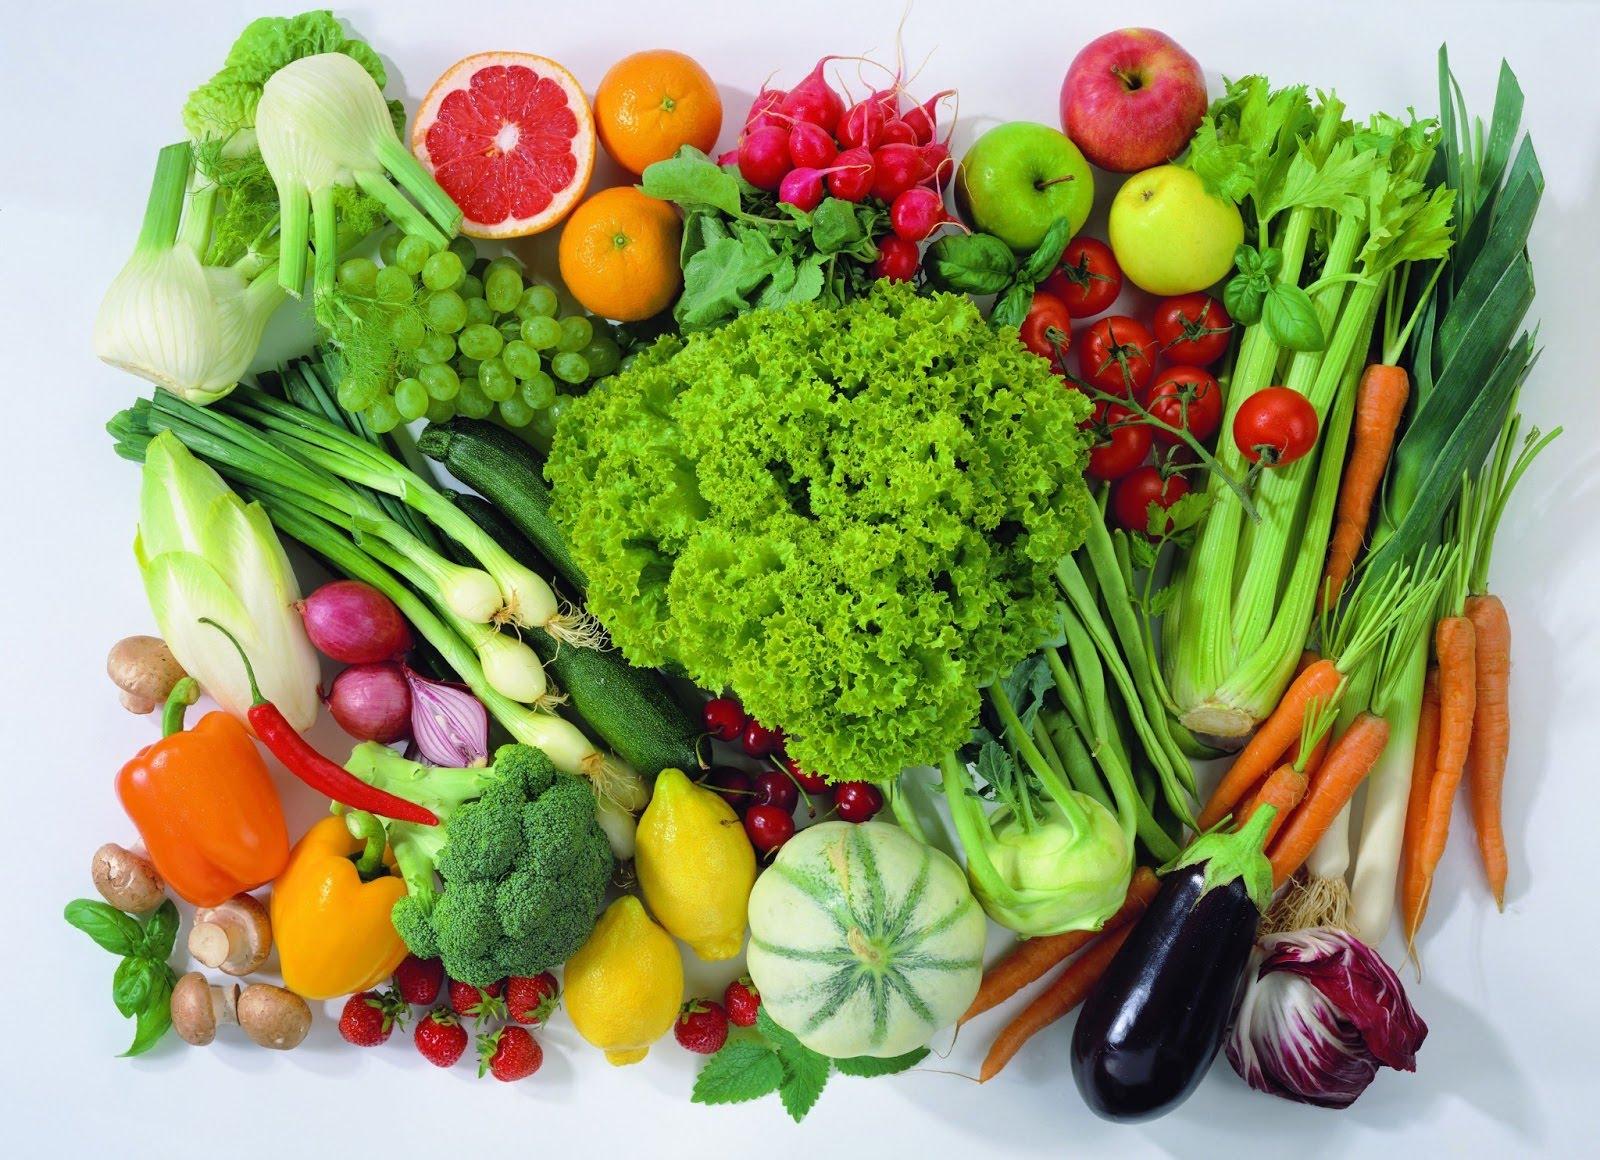 Rau củ quả có màu xanh giúp bổ sung chất xơ cần thiết cho cơ thể